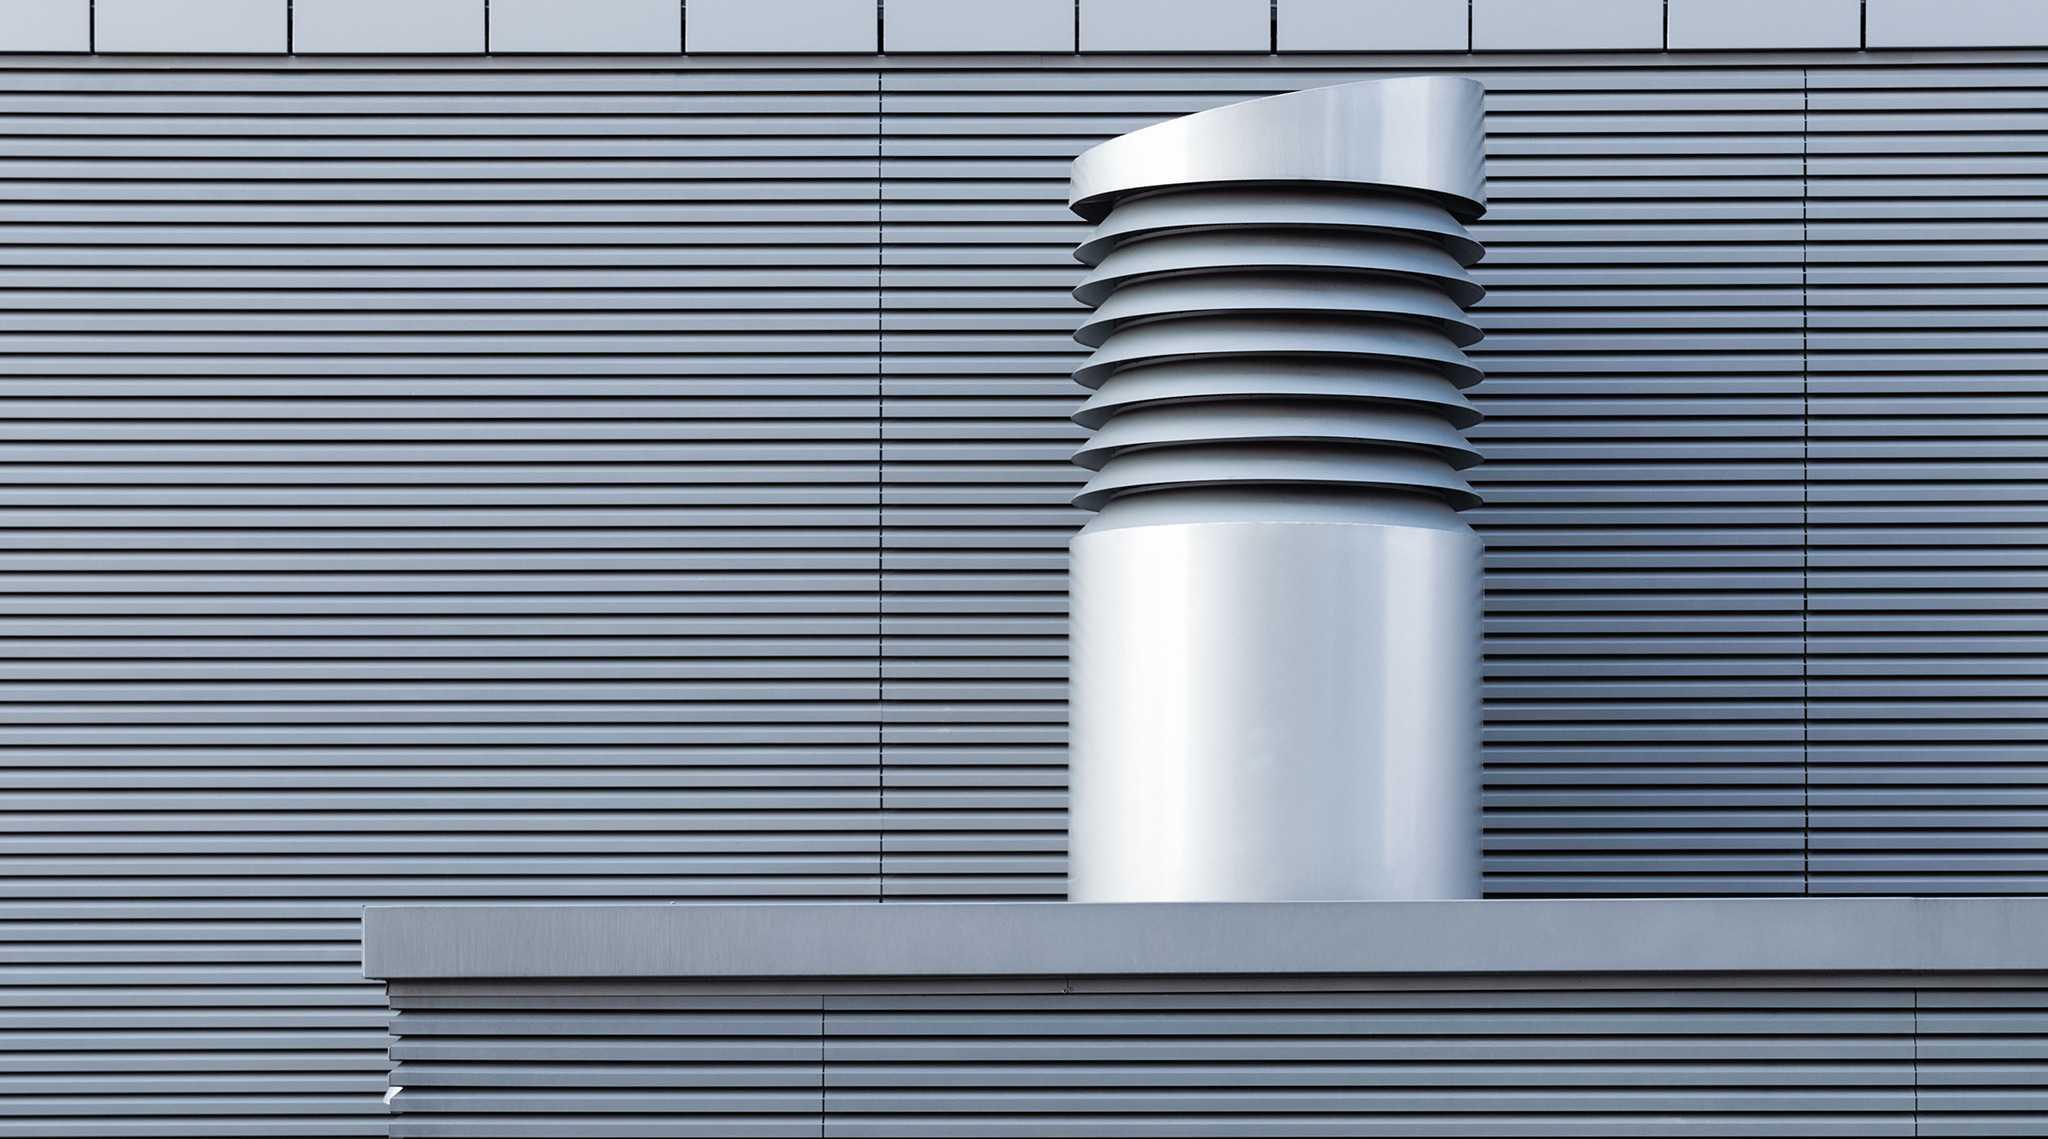 ventilador externo